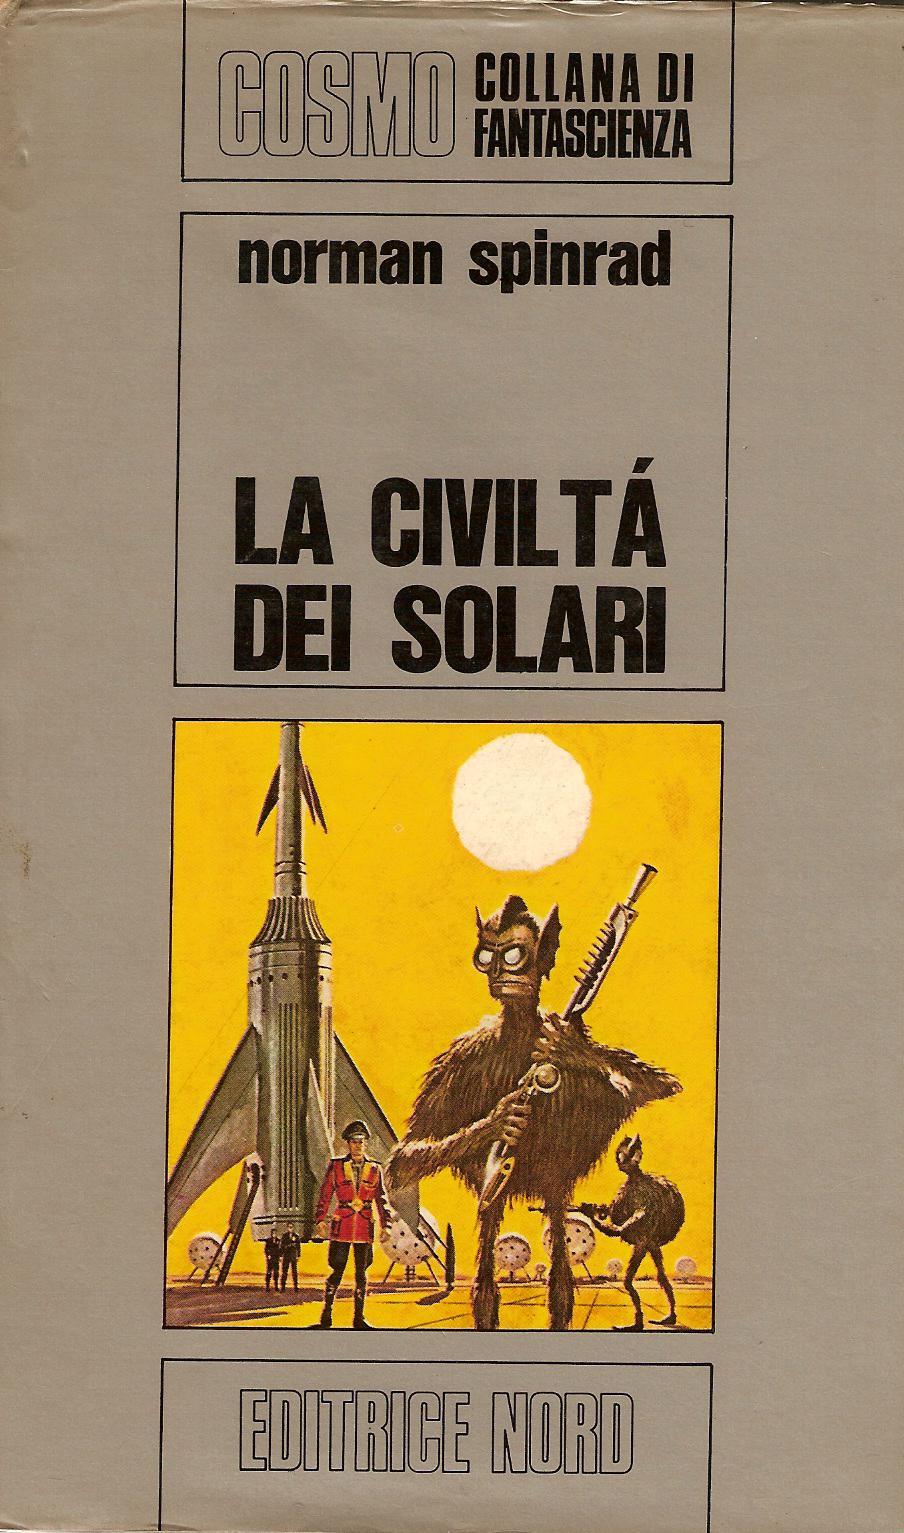 La civiltà dei solari